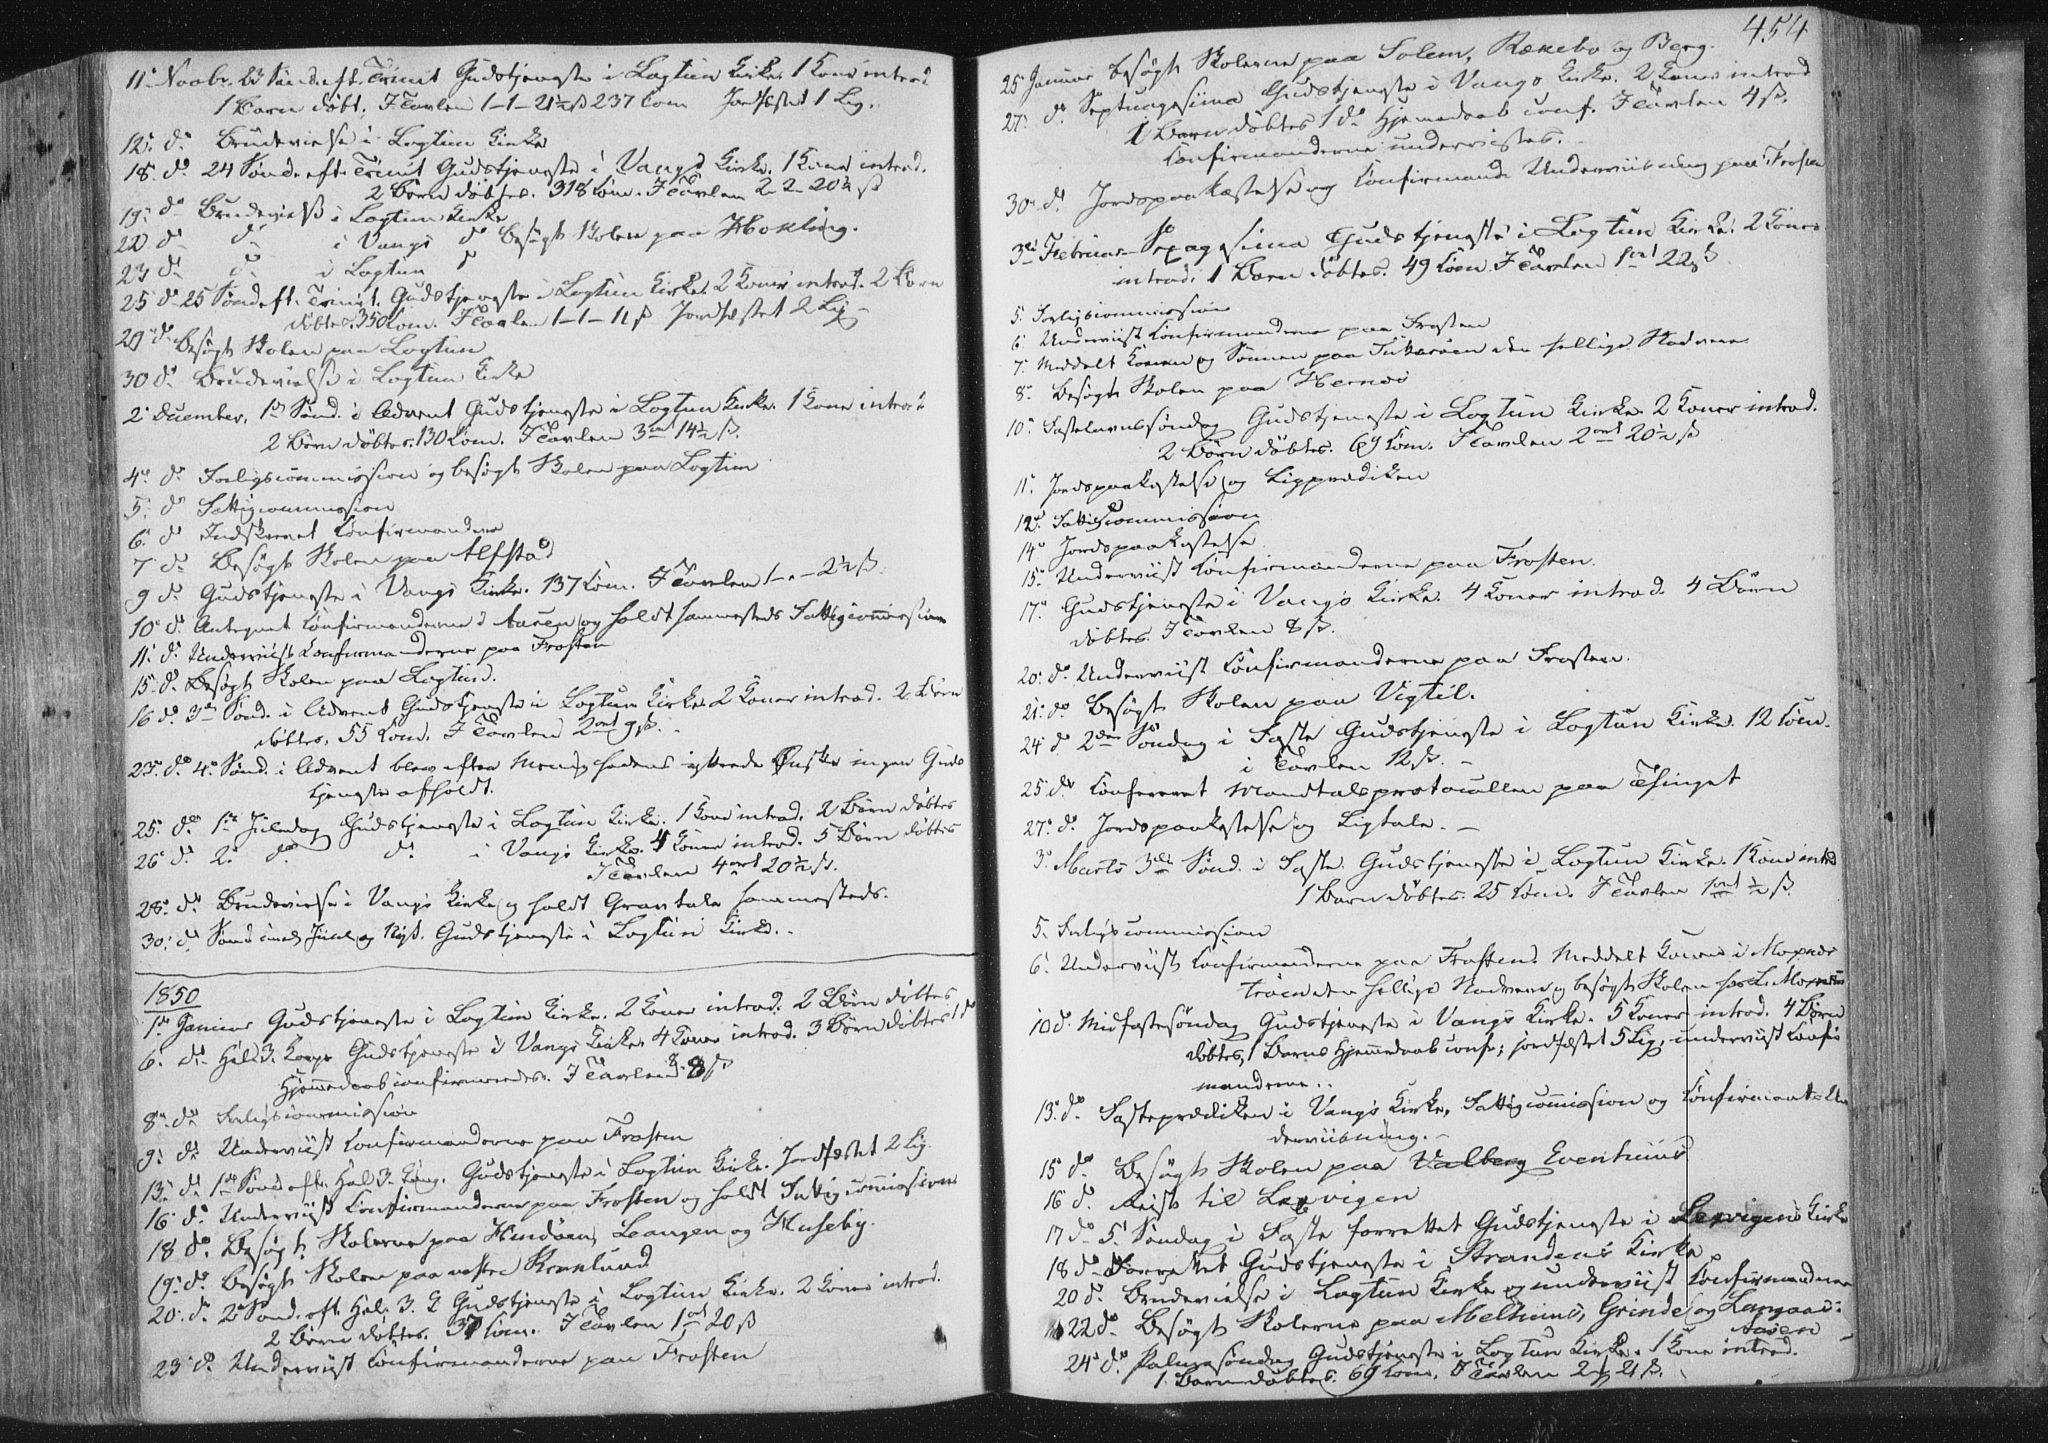 SAT, Ministerialprotokoller, klokkerbøker og fødselsregistre - Nord-Trøndelag, 713/L0115: Ministerialbok nr. 713A06, 1838-1851, s. 454